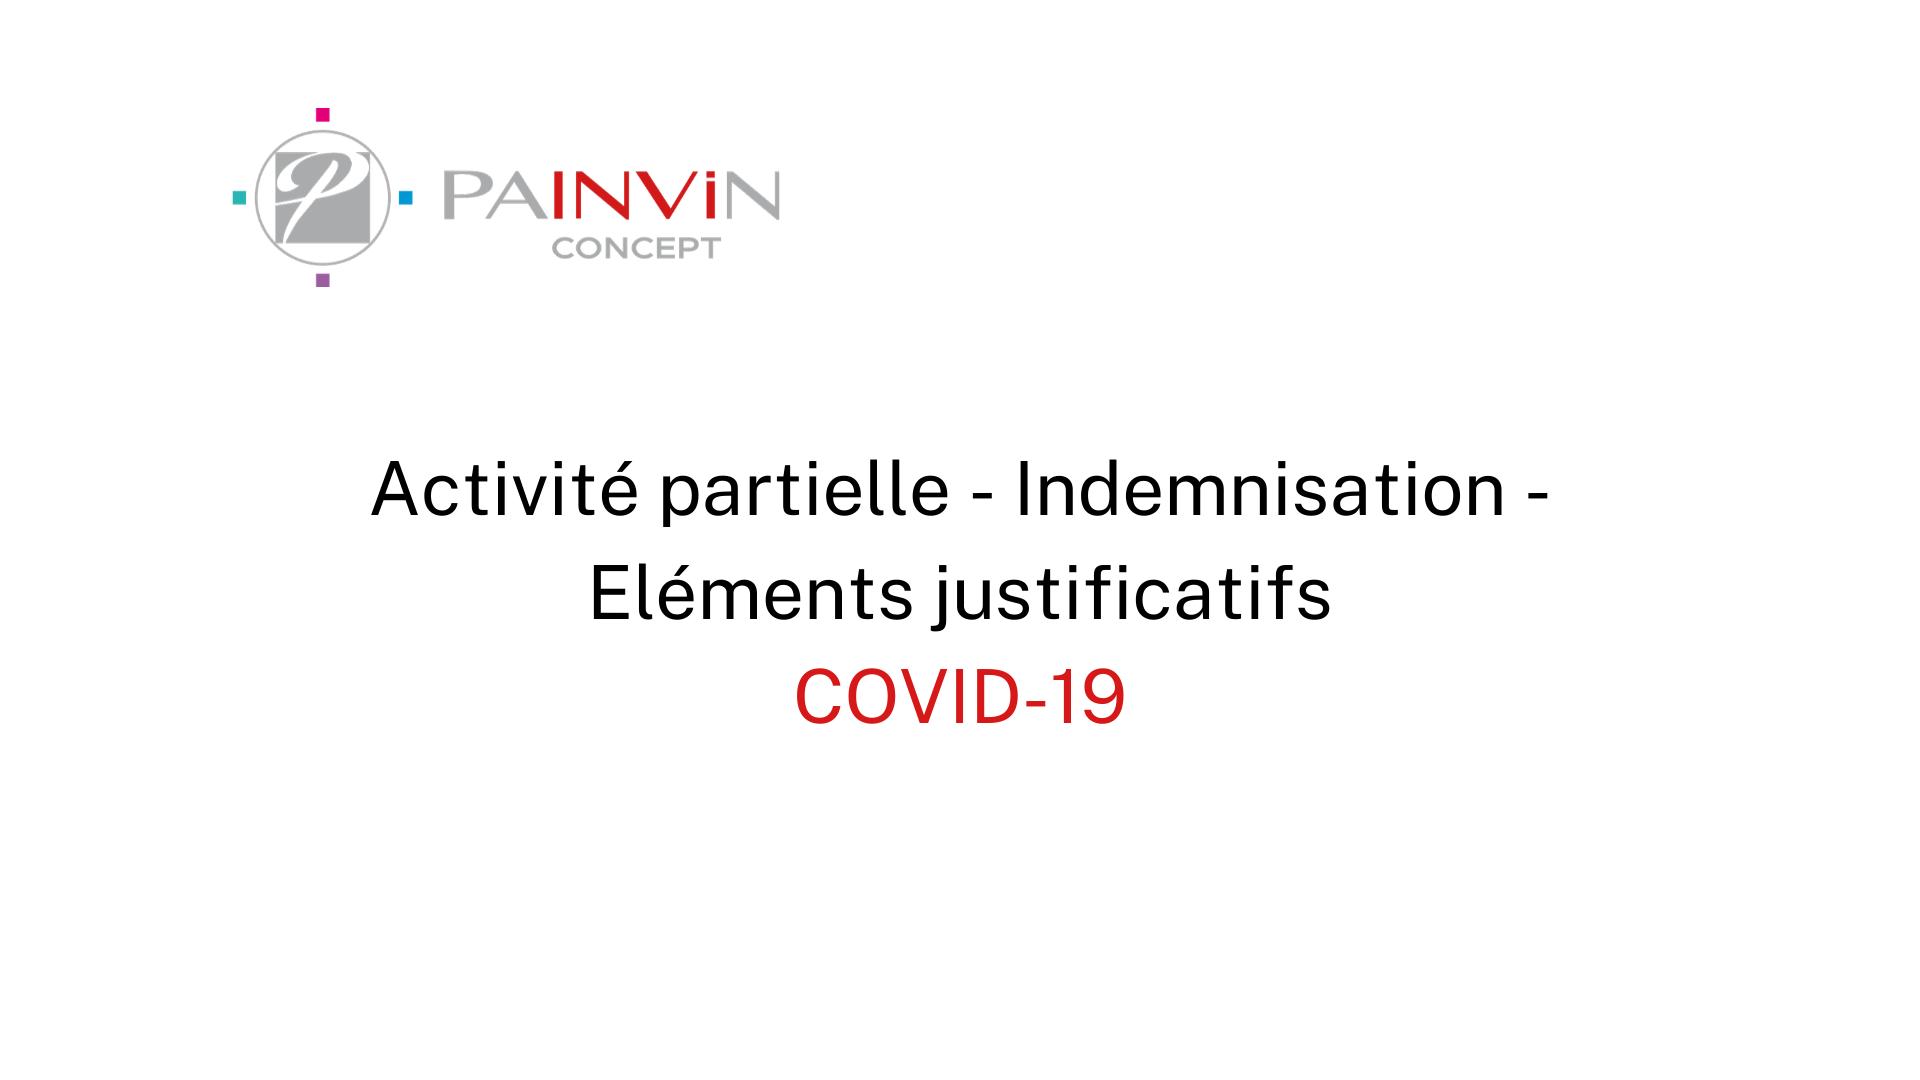 Activité partielle, indemnisation et éléments justificatifs en période de covid-19